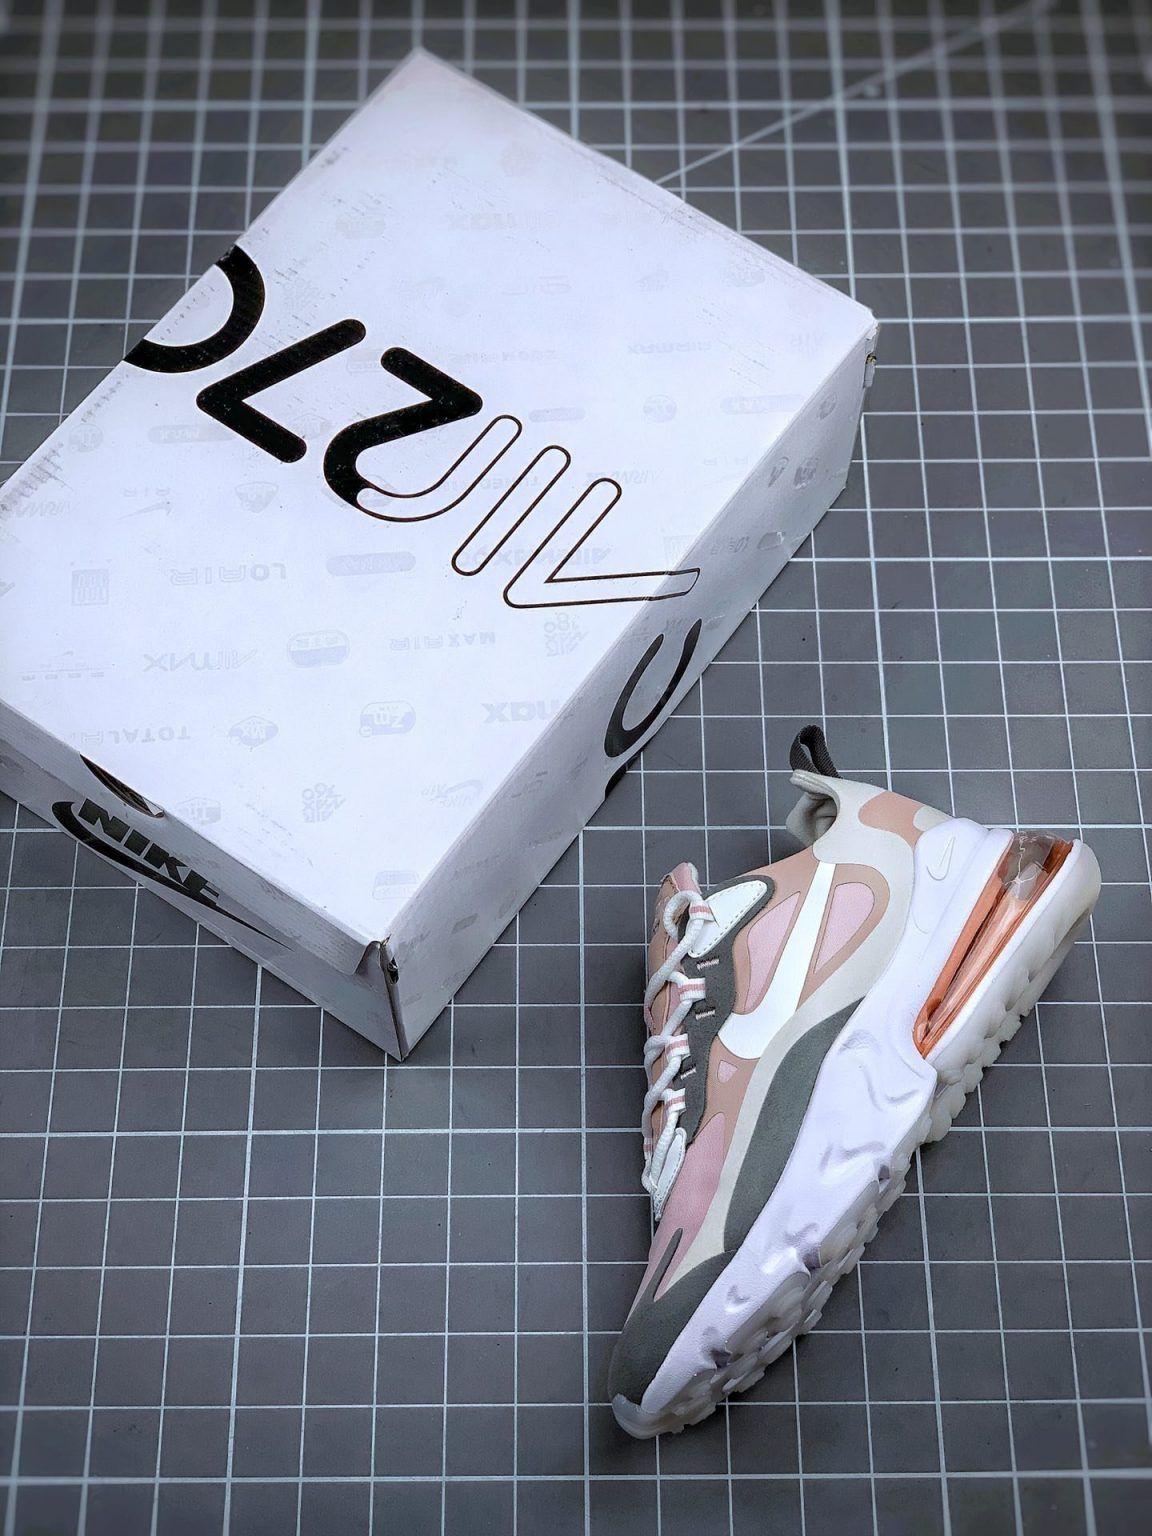 I1585759035 5068 2 Nike Shoes Air Max Nike Air Shoes Nike Air Max